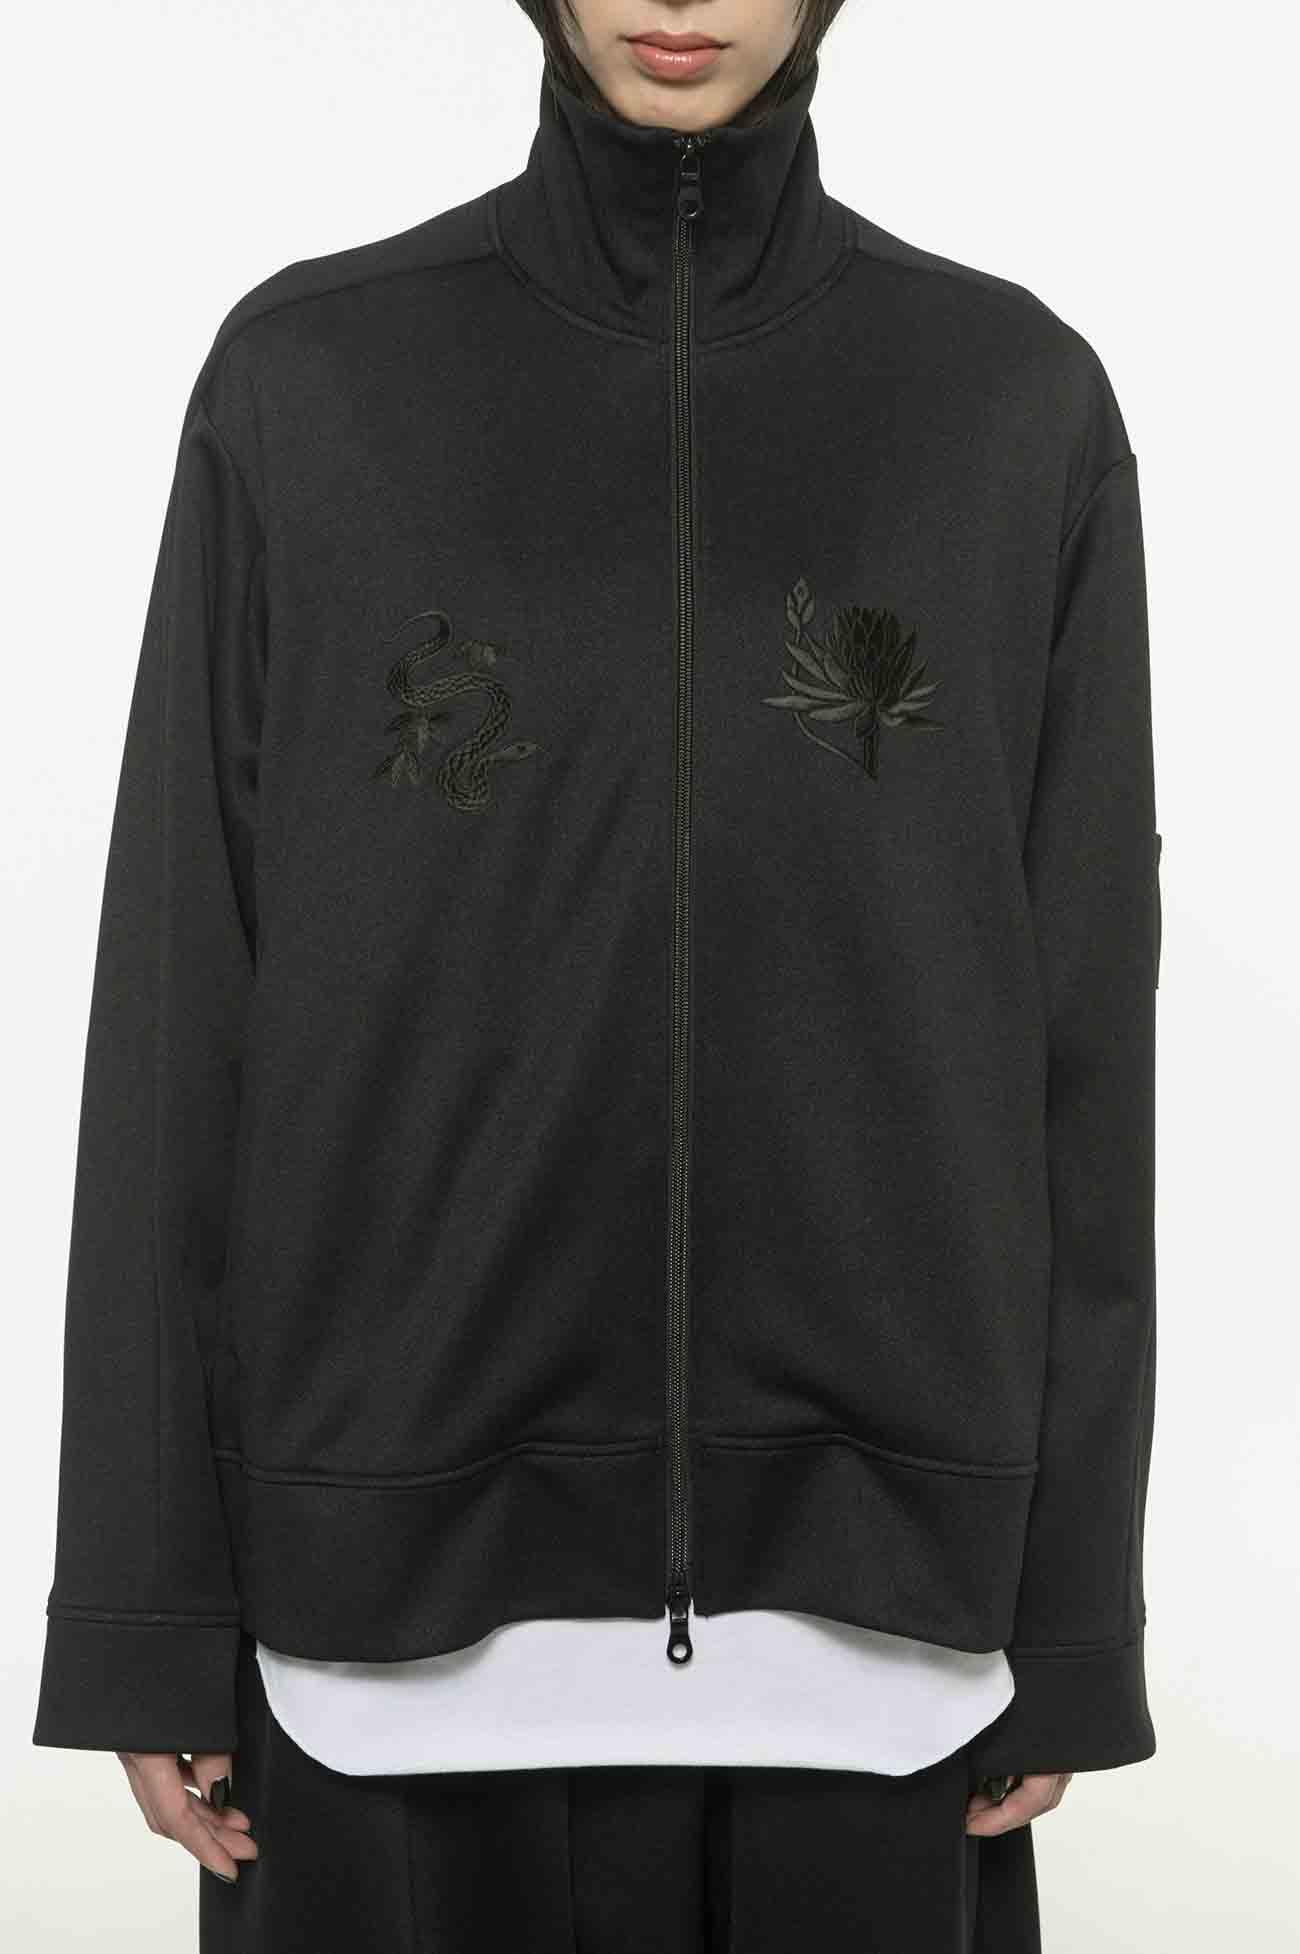 《三片蛇叶》,莲花·拉链卫衣